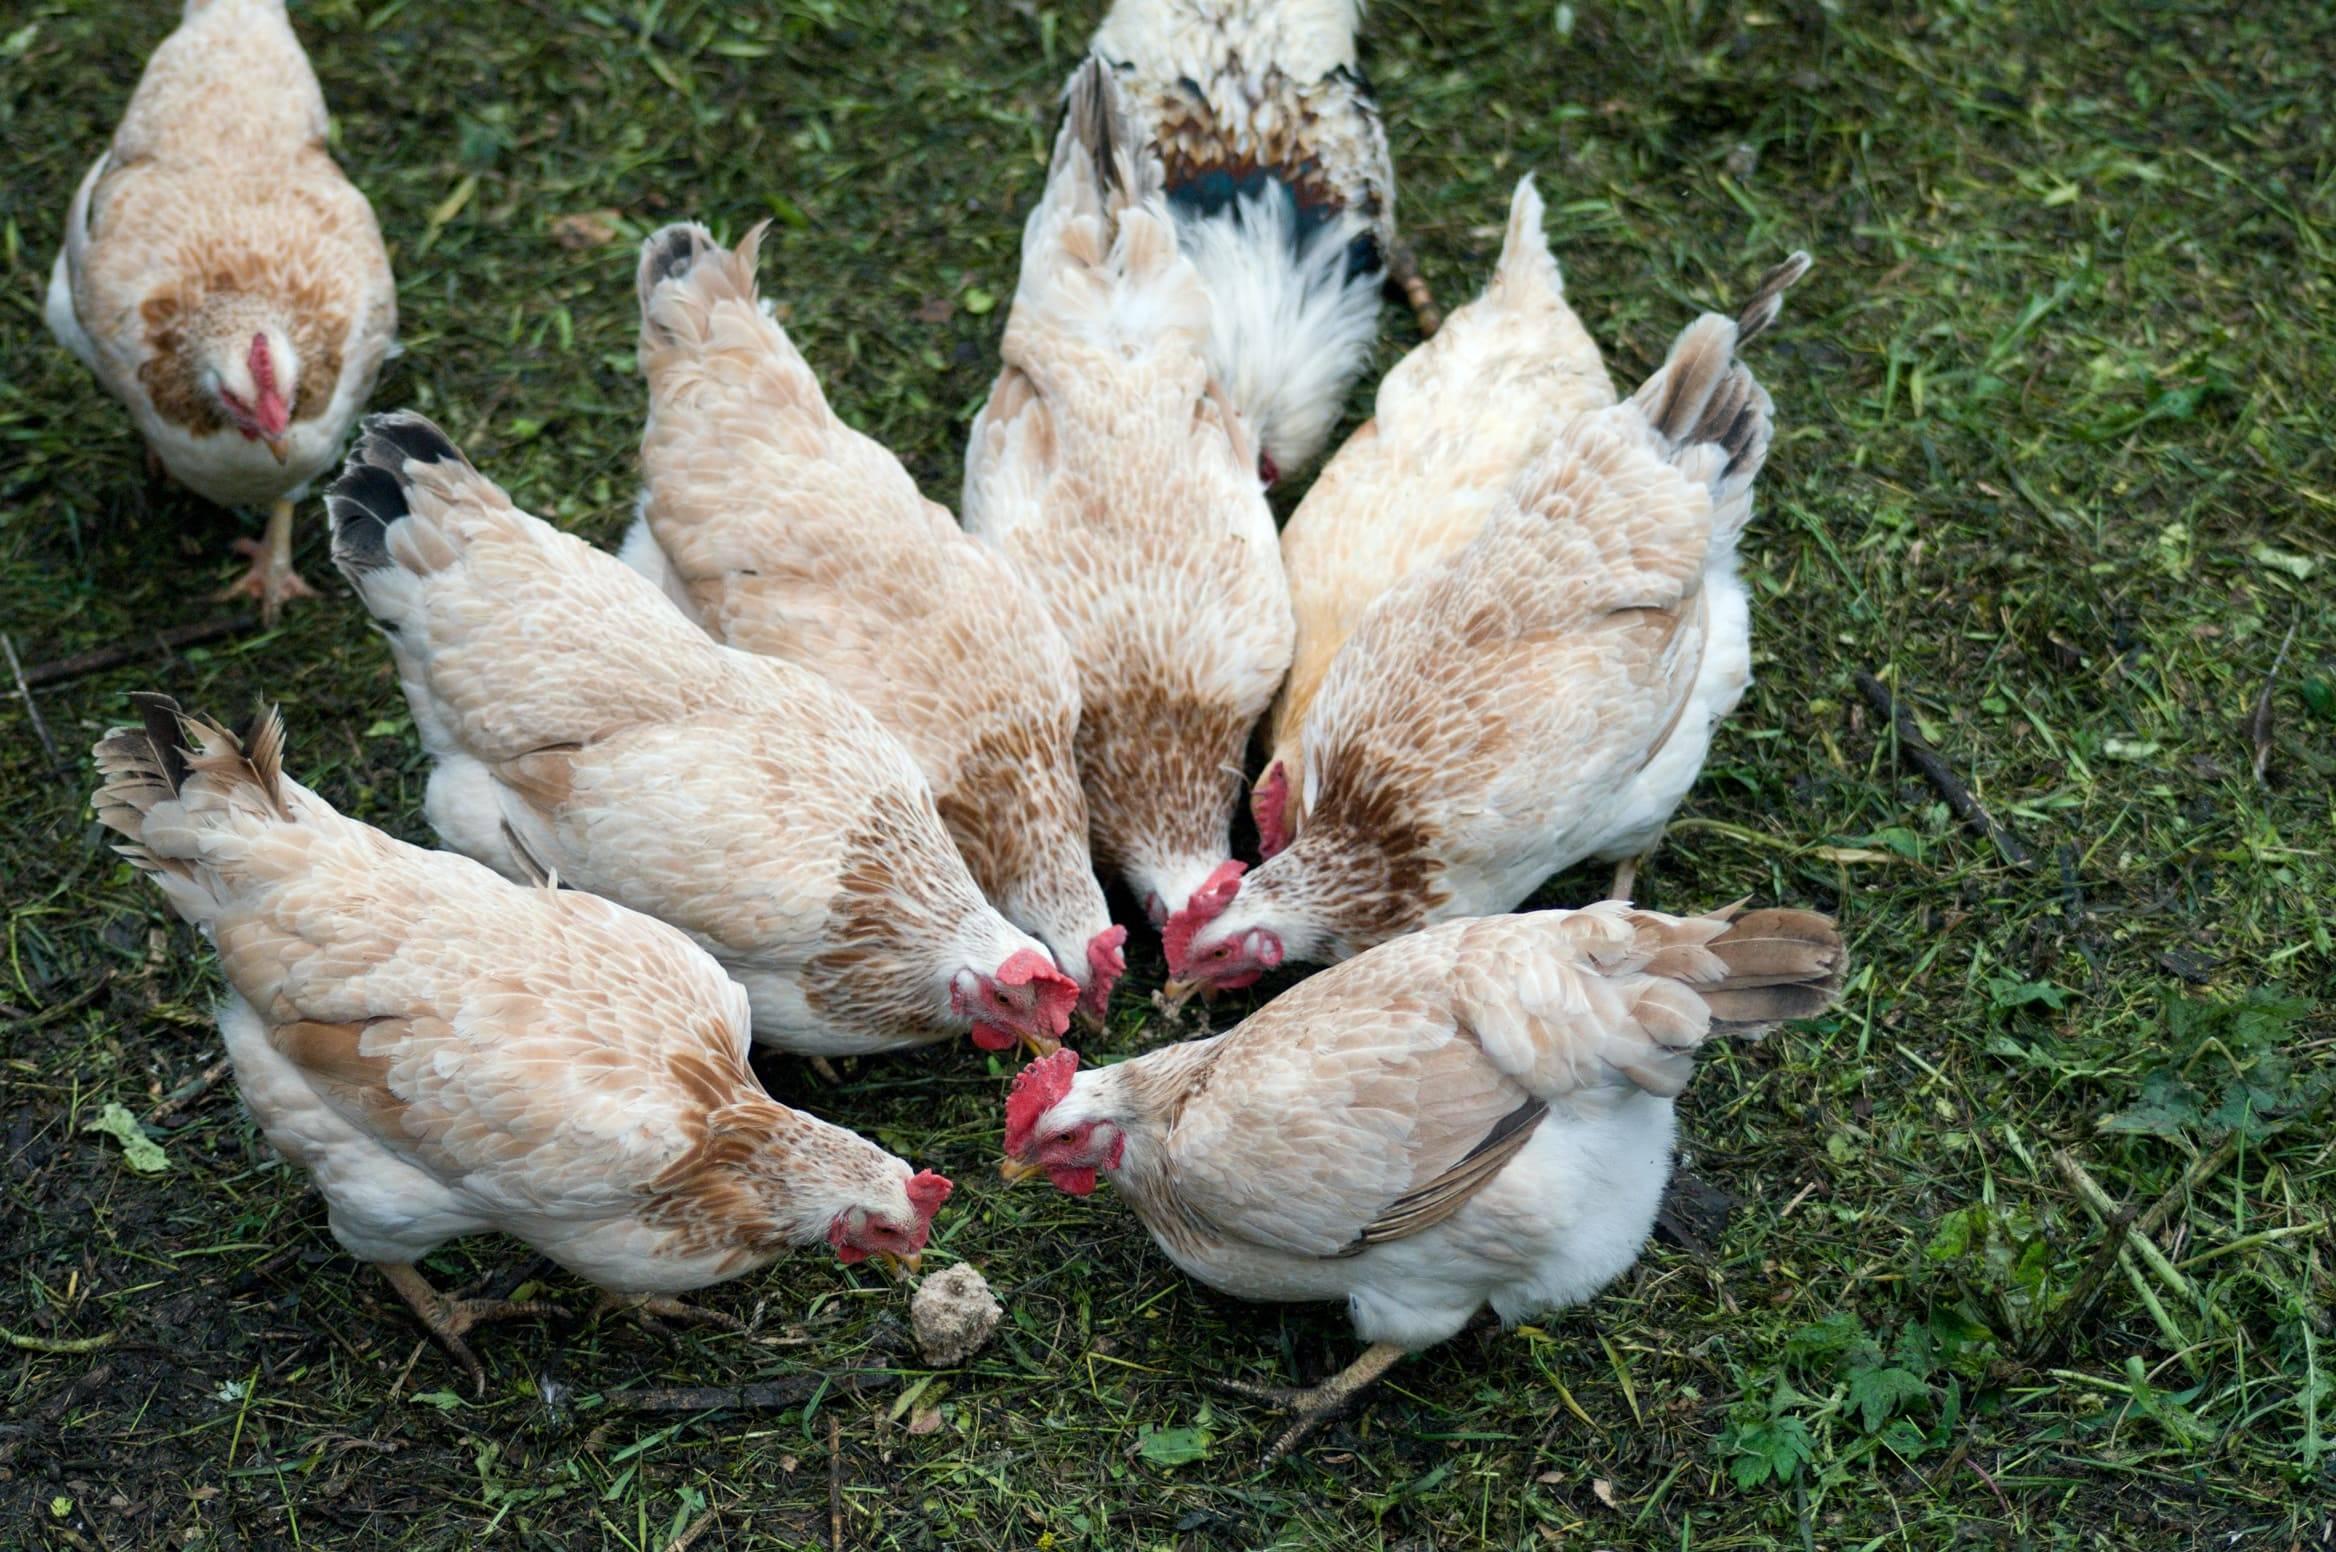 Загорская лососевая порода кур: описание, характеристики и фото представителей   golubevod.net